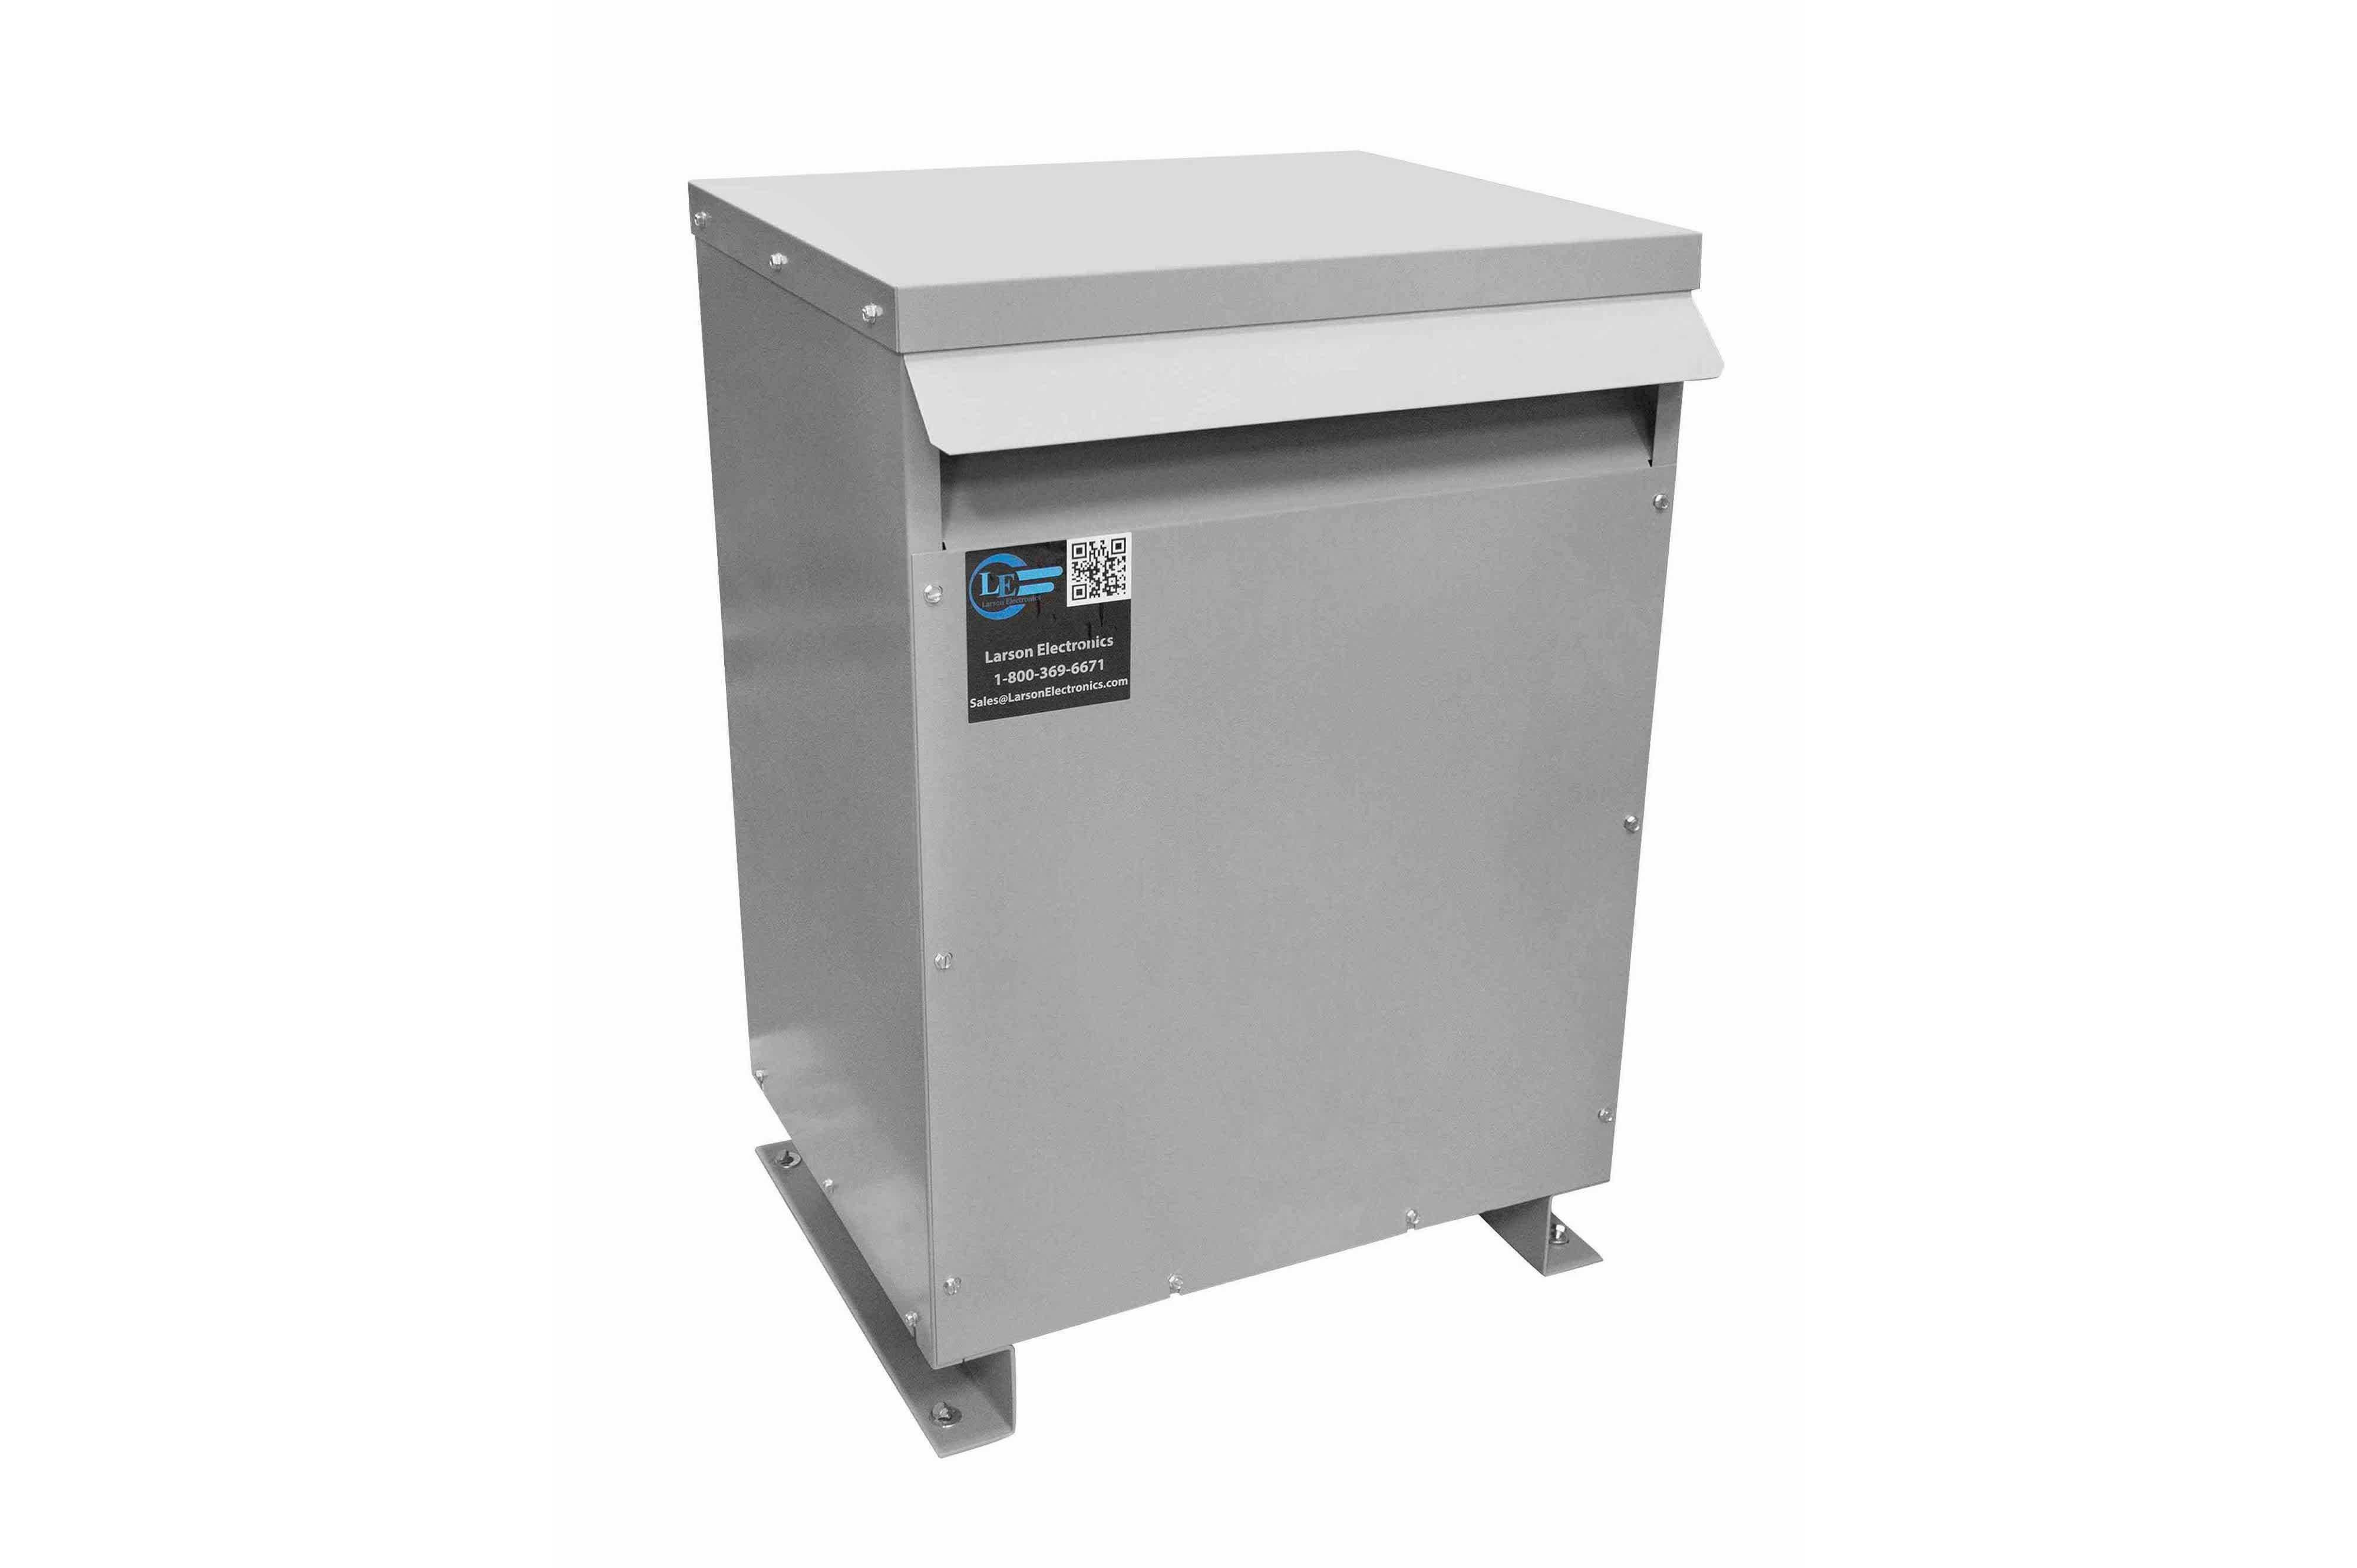 237.5 kVA 3PH Isolation Transformer, 240V Delta Primary, 480V Delta Secondary, N3R, Ventilated, 60 Hz